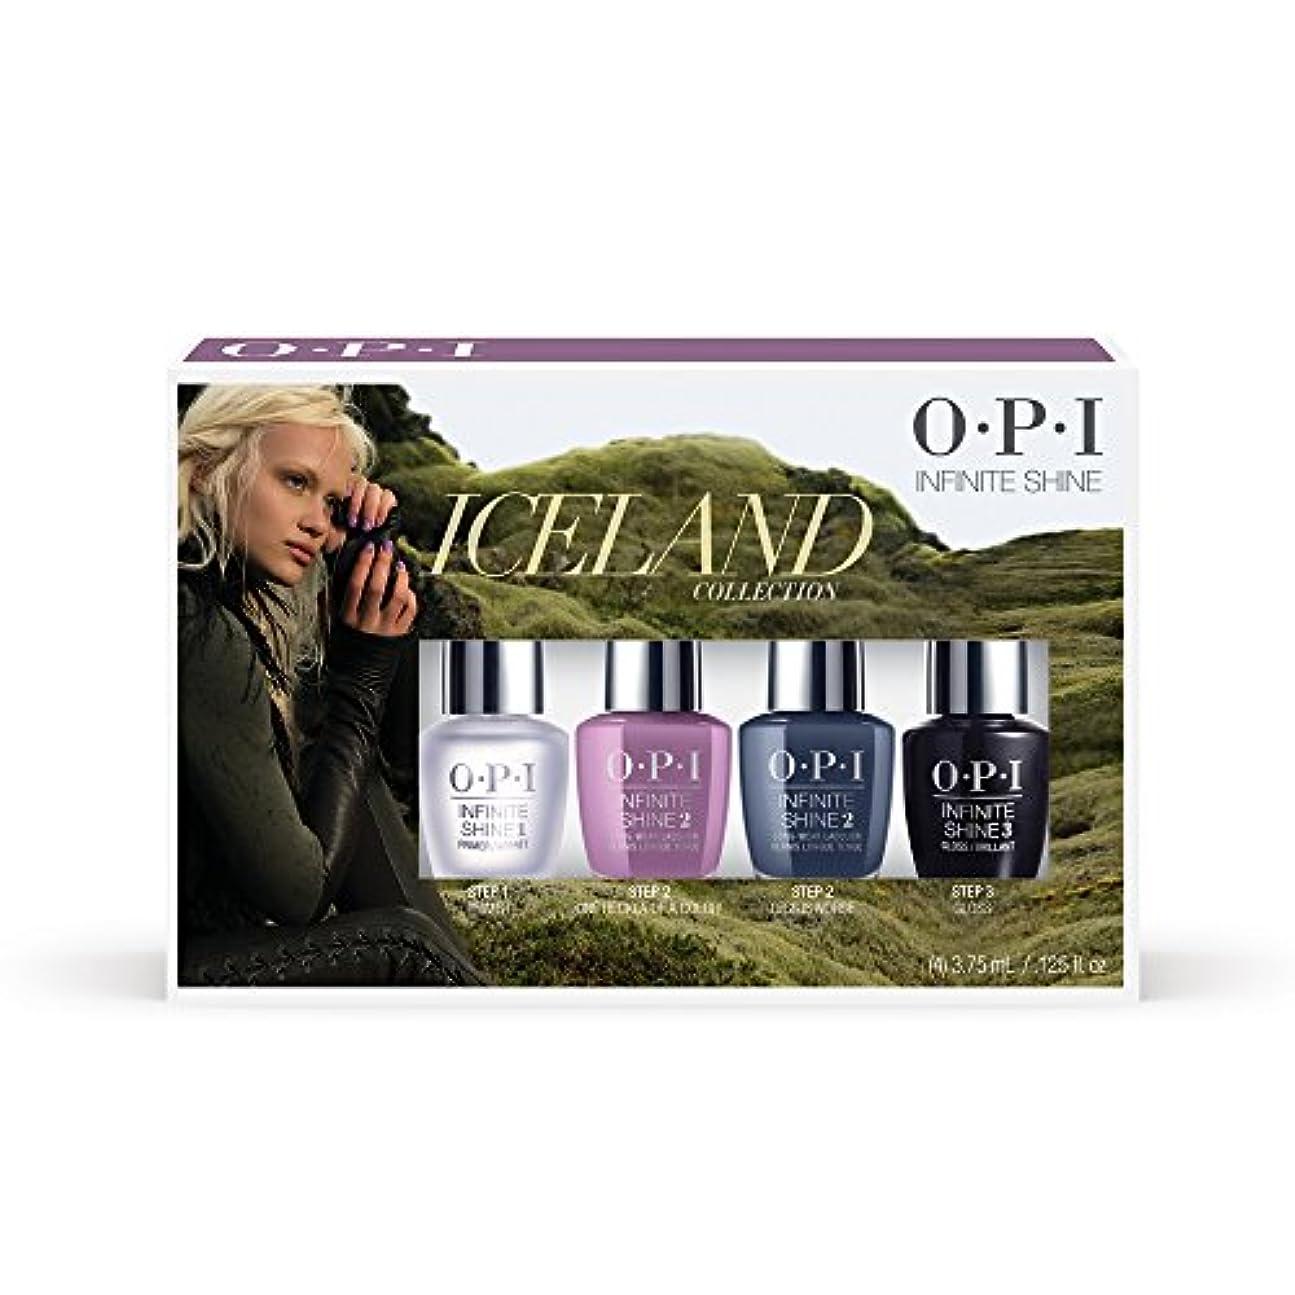 やがて嵐撤回するOPI(オーピーアイ) アイスランド コレクション インフィニット シャイン ミニパック